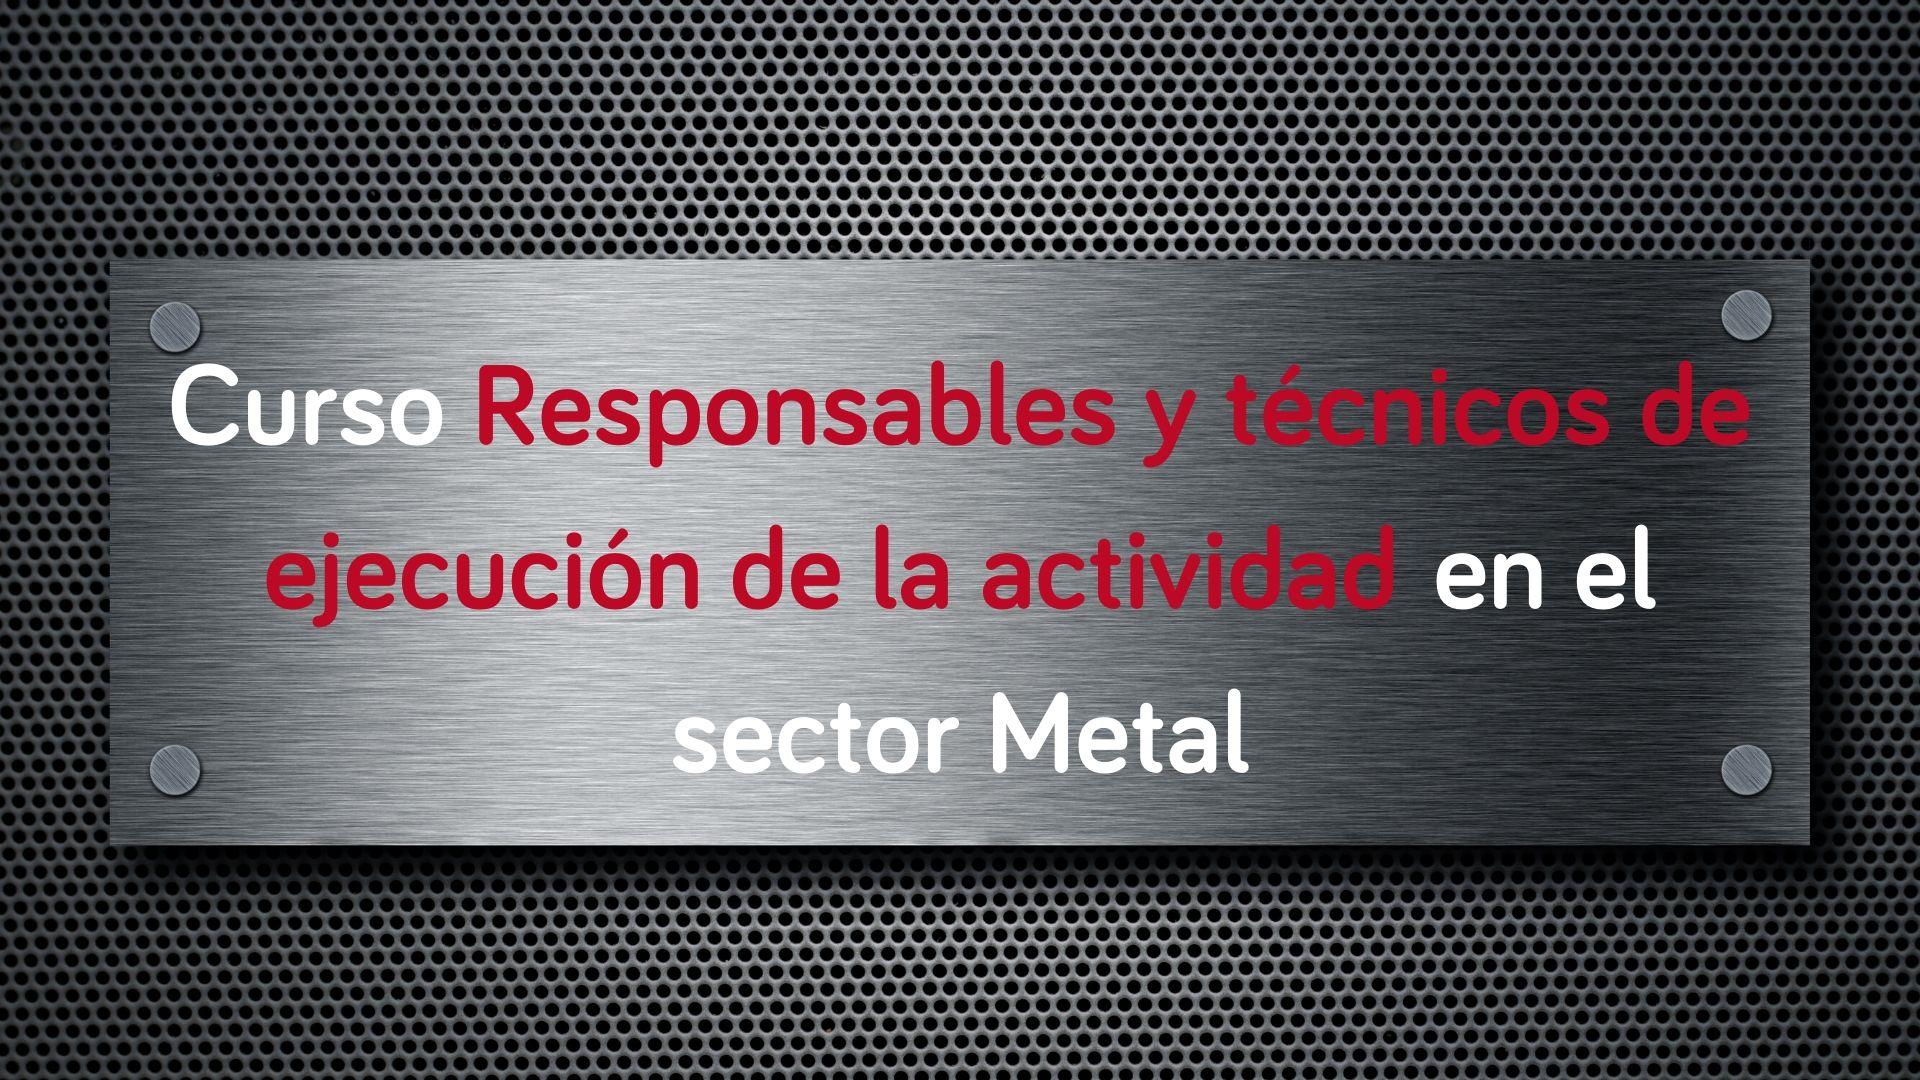 curso-responsables-tecnicos-ejecucion-actividad-metal